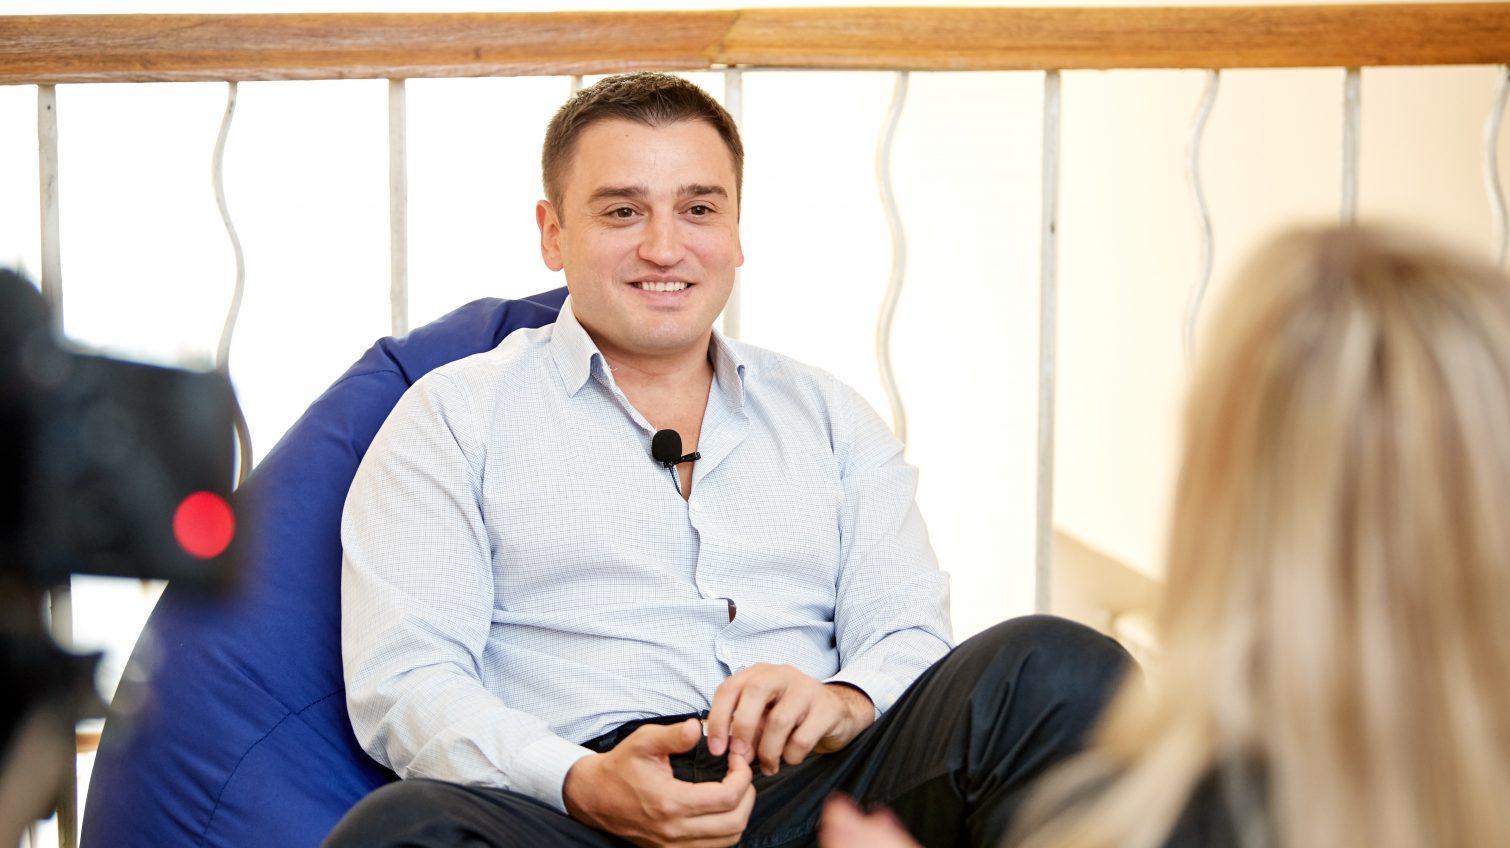 IT-бизнесмен в министерском кресле: Александр Борняков о работе в Минцифре, «оттоке мозгов» и легализации криптовалюты «фото»